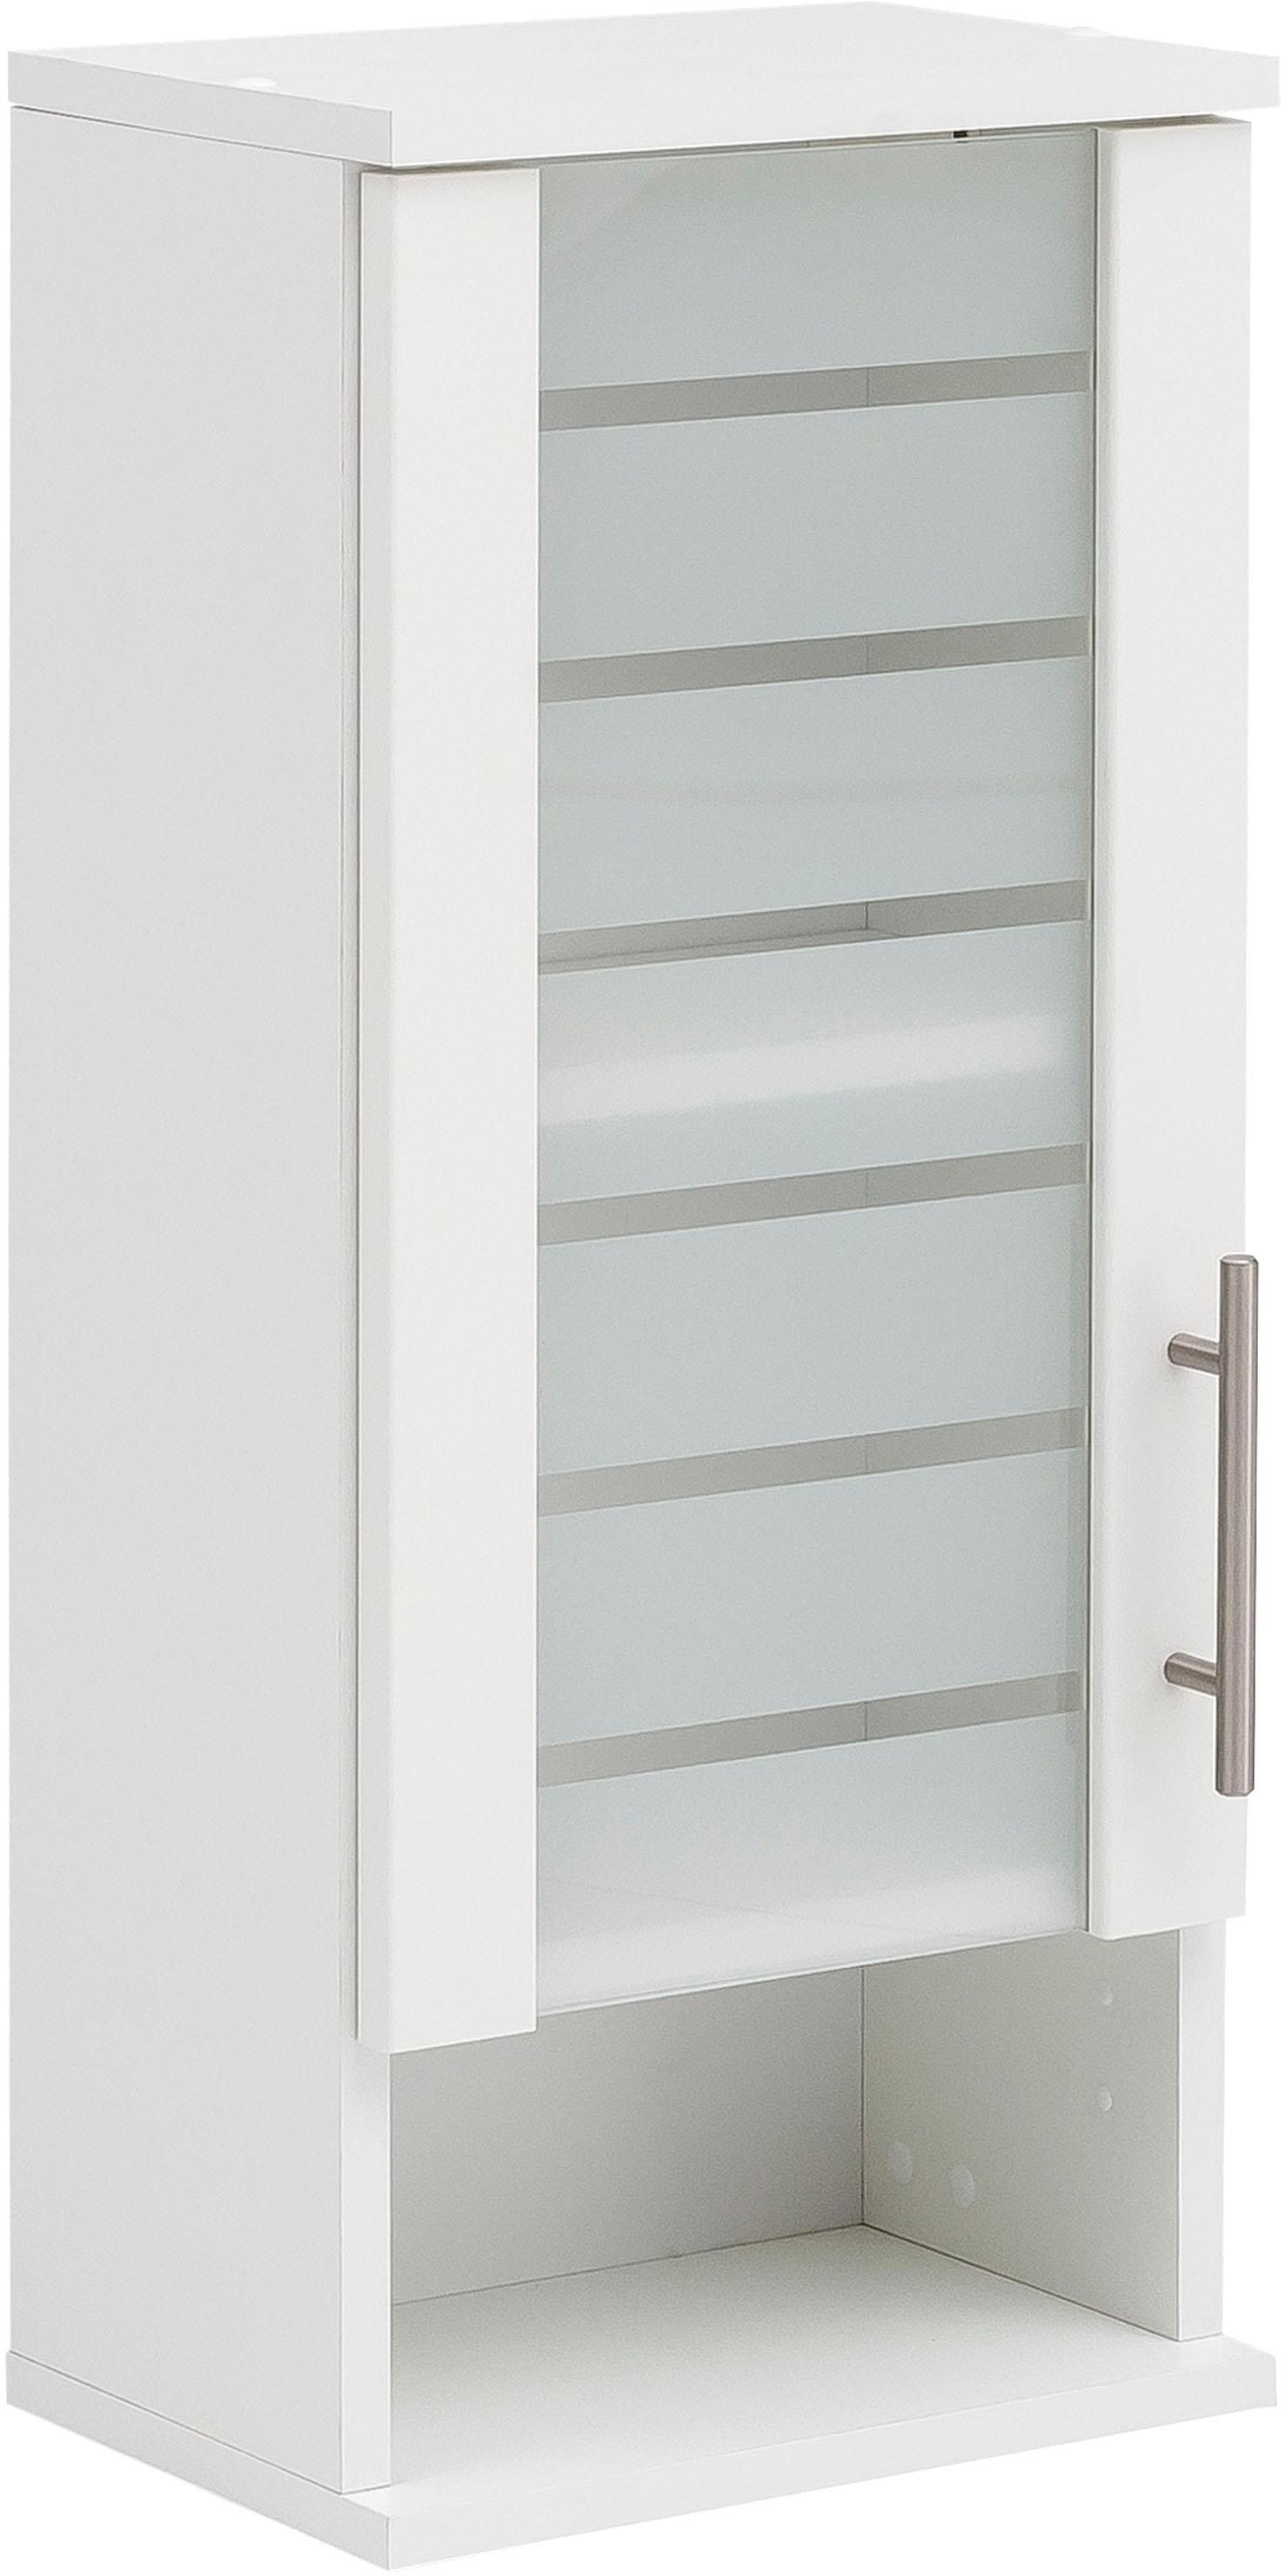 Schildmeyer Hängeschrank Nikosia, Breite 30 cm, mit Glastür, hochwertige MD günstig online kaufen